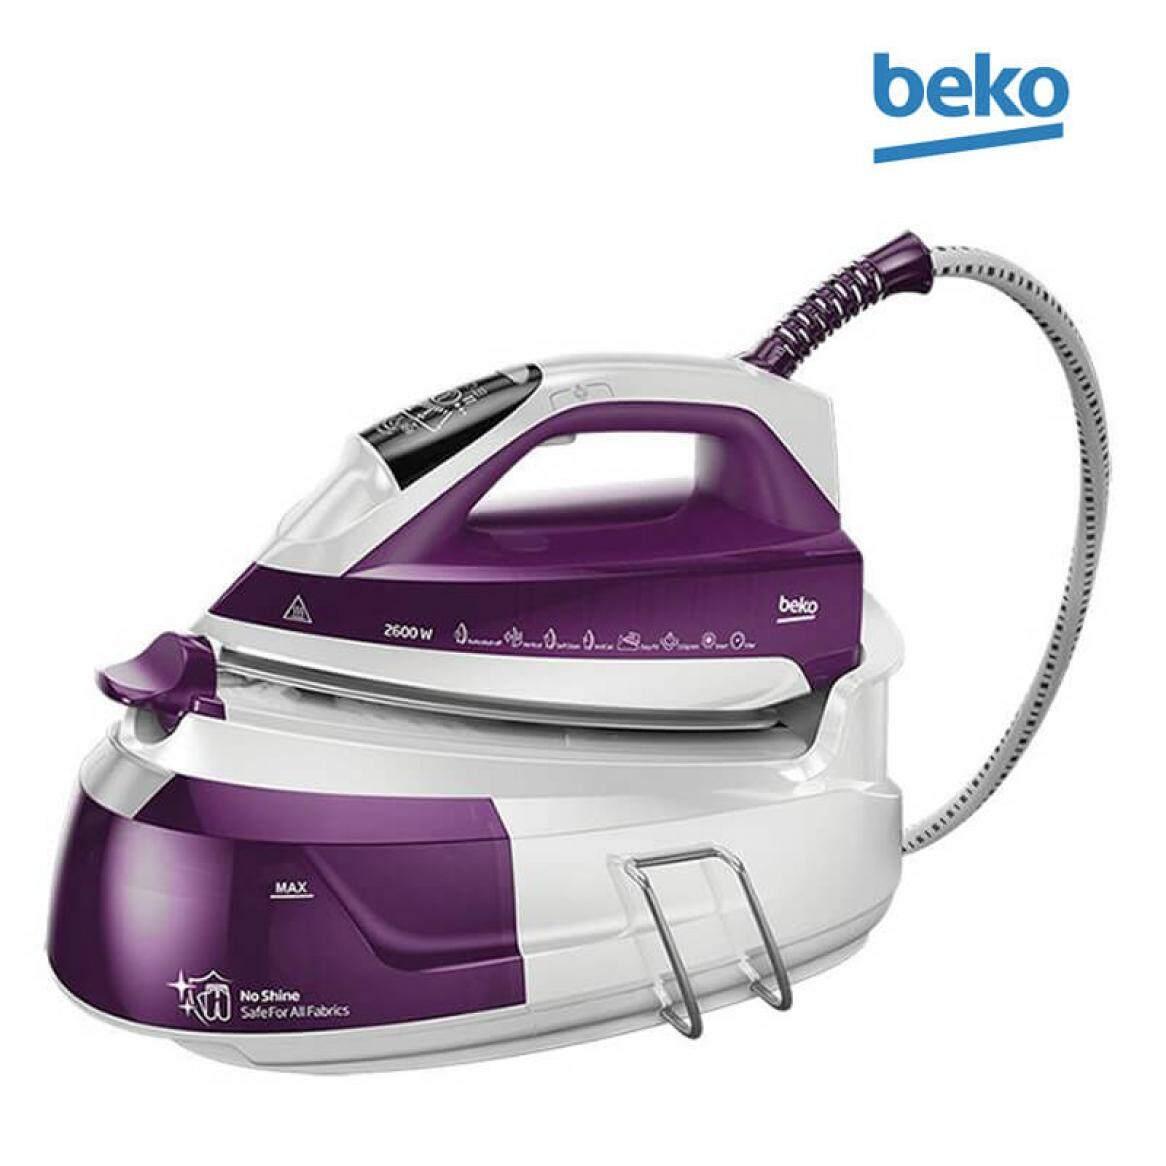 BEKO เตารีดแรงดันไอน้ำ ความจุ 1 ลิตร รุ่น SGA7126P